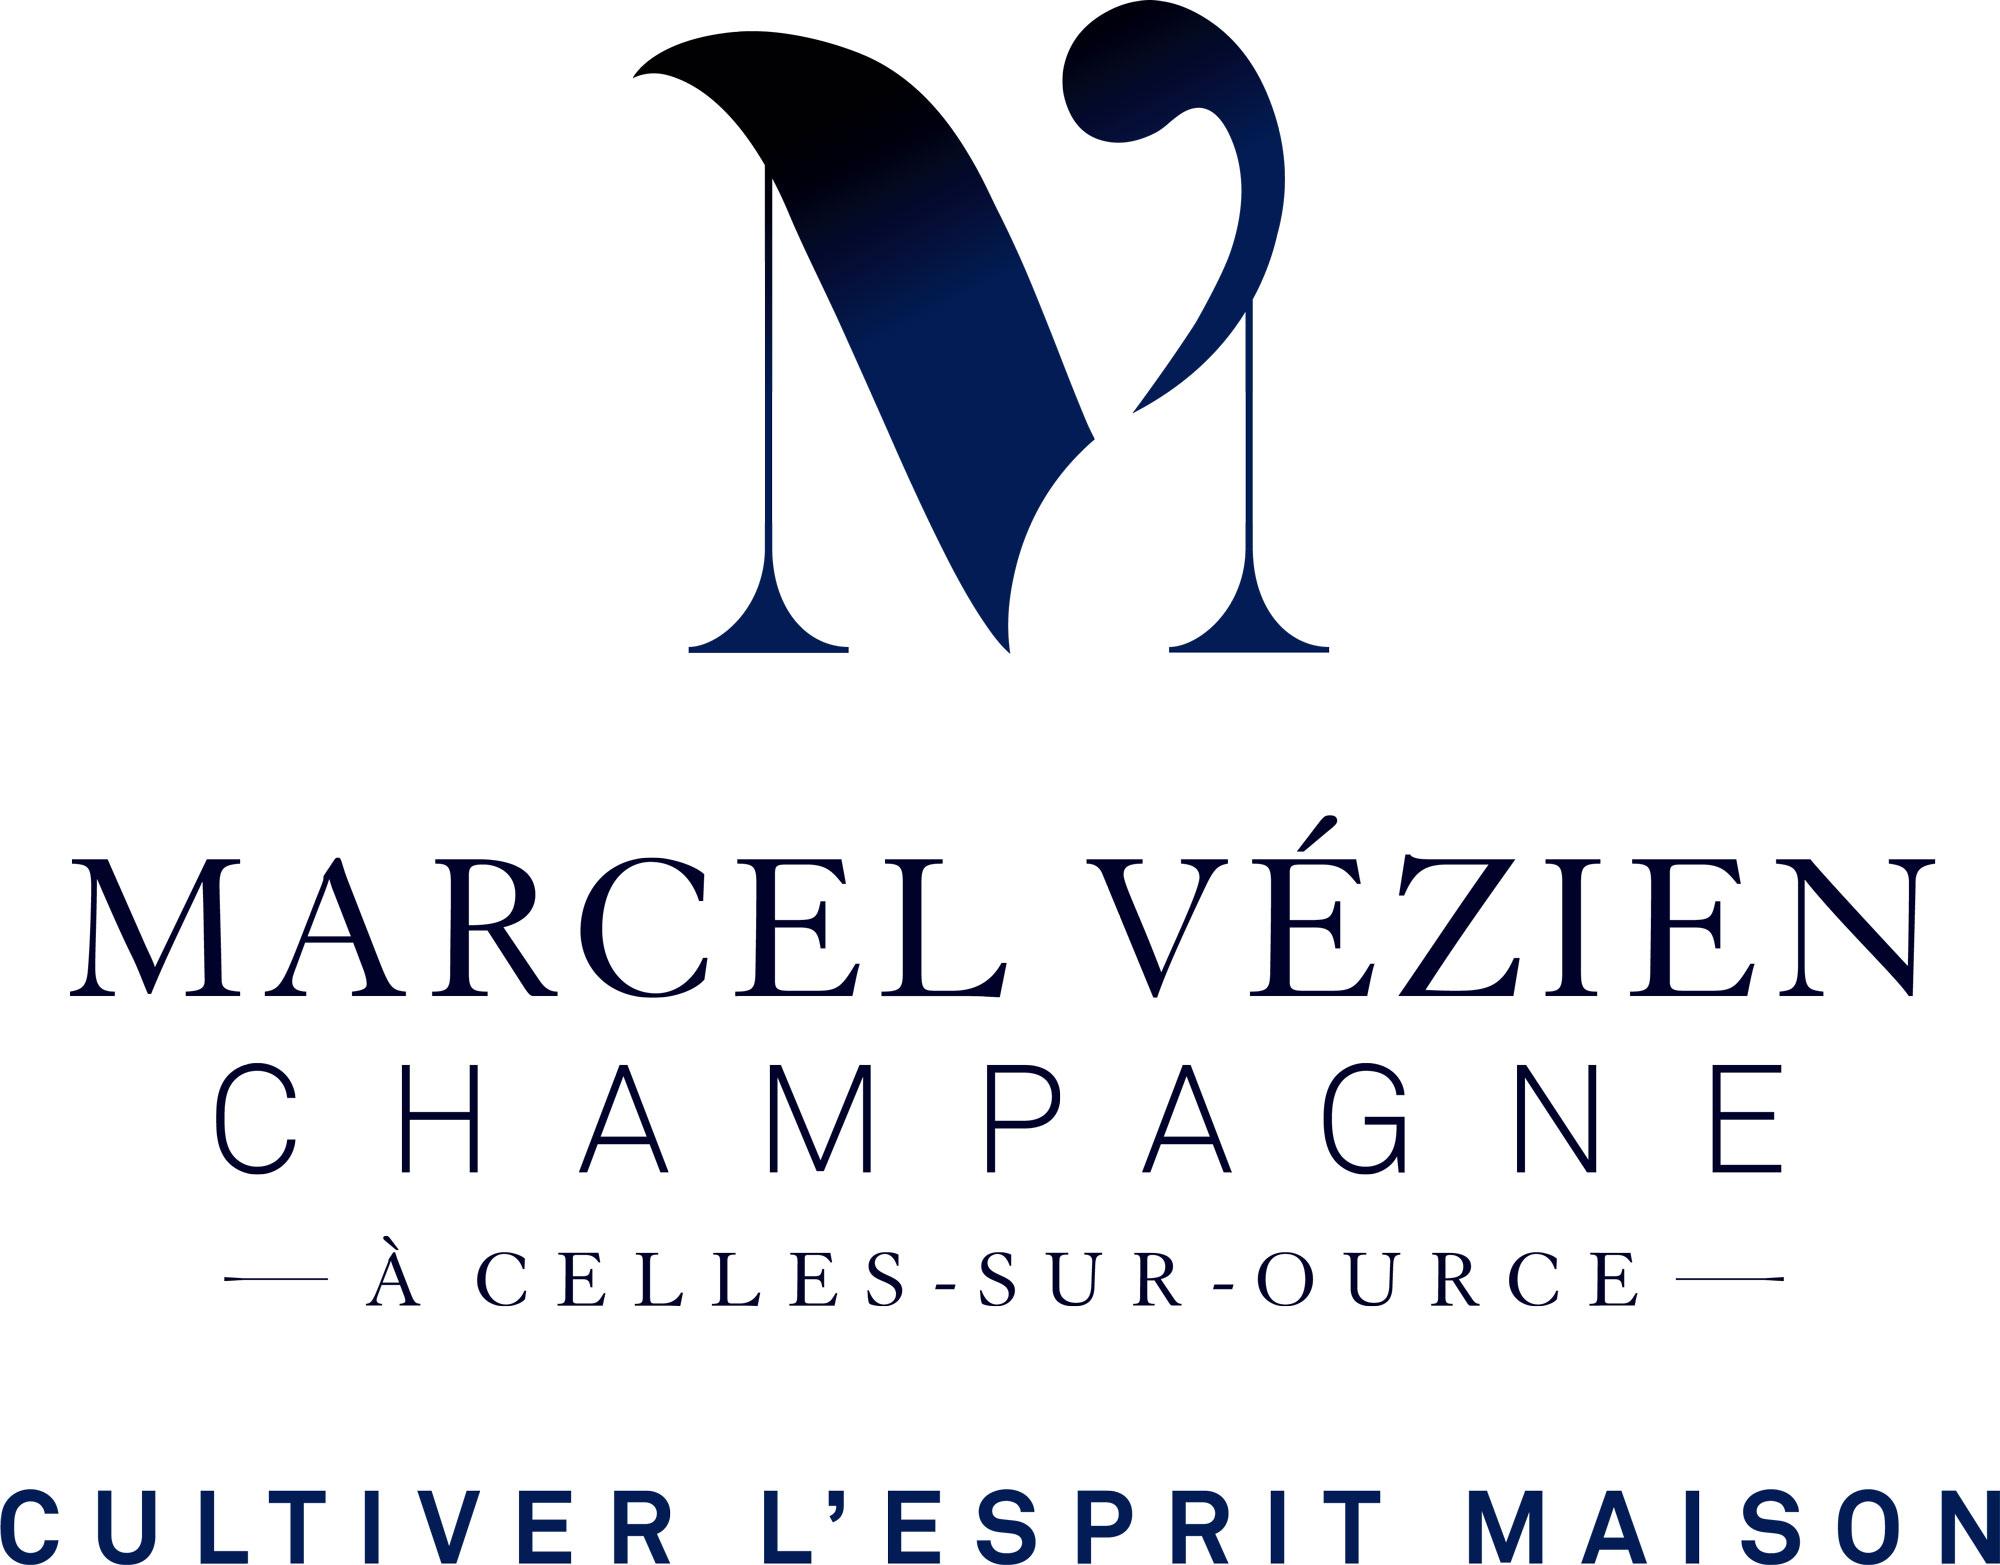 Marcel Vézien Champagne